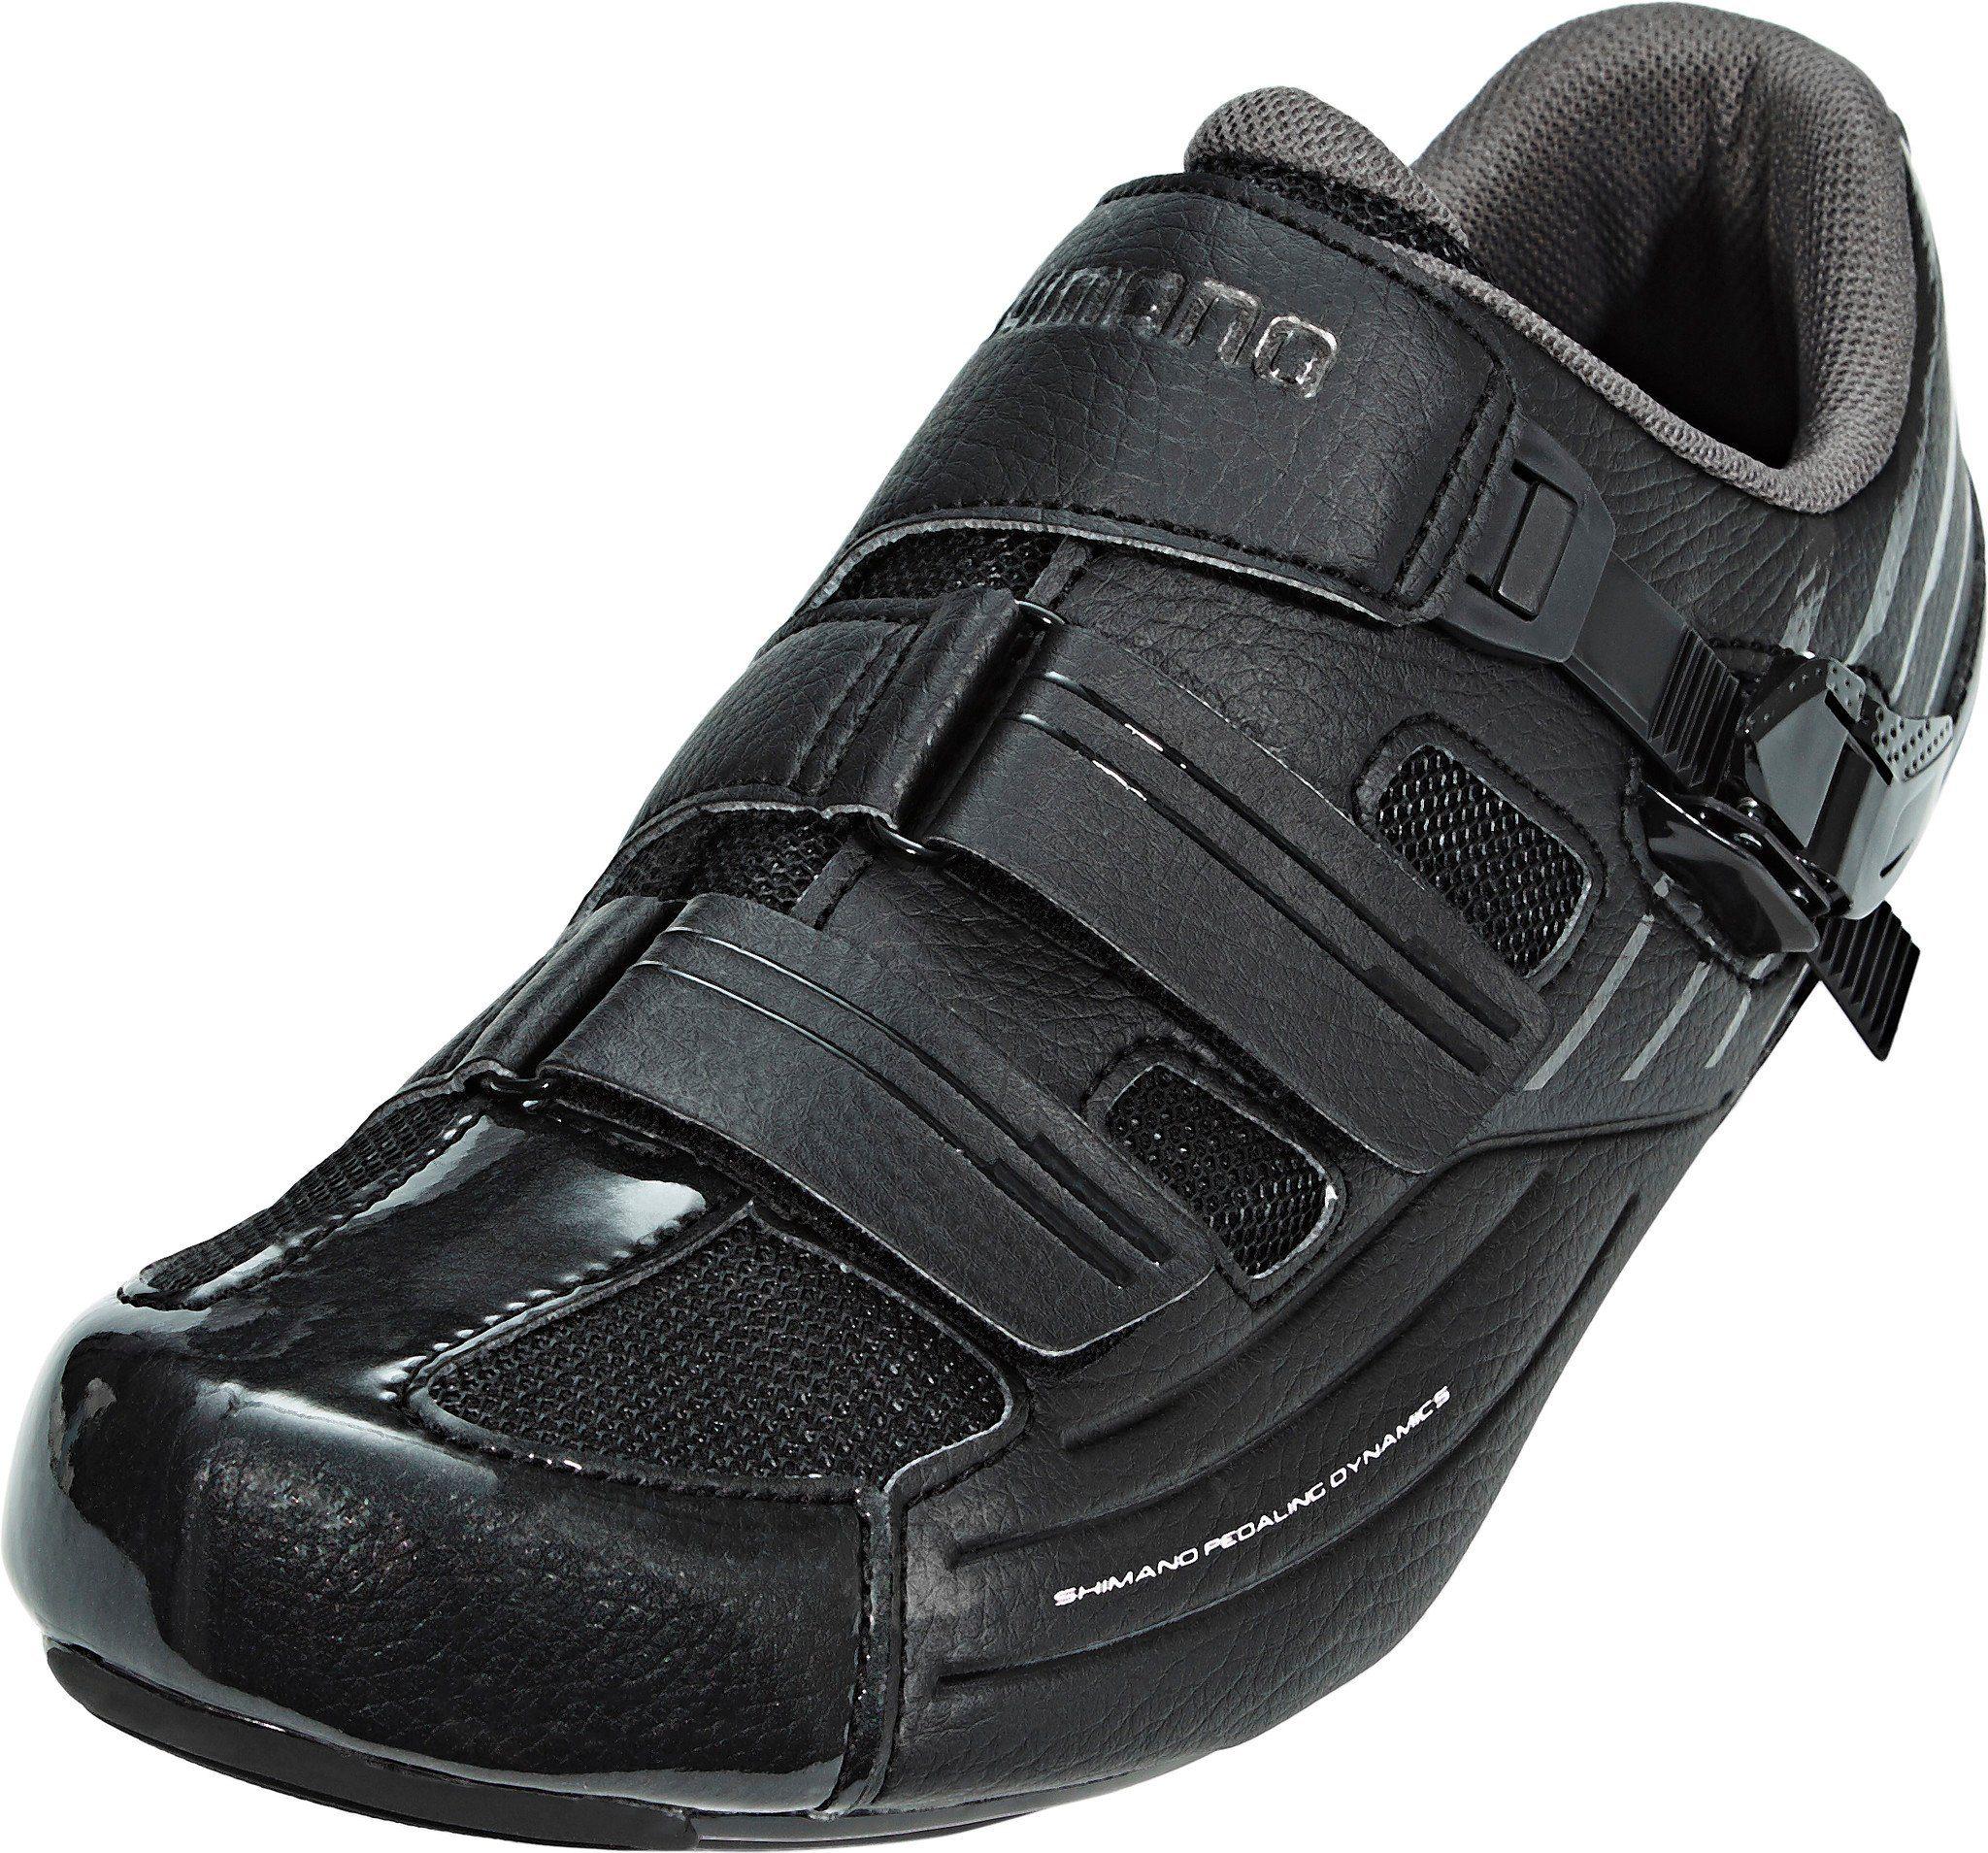 Shimano Fahrradschuhe SH-RP3L Schuhe breit Unisex online kaufen  schwarz